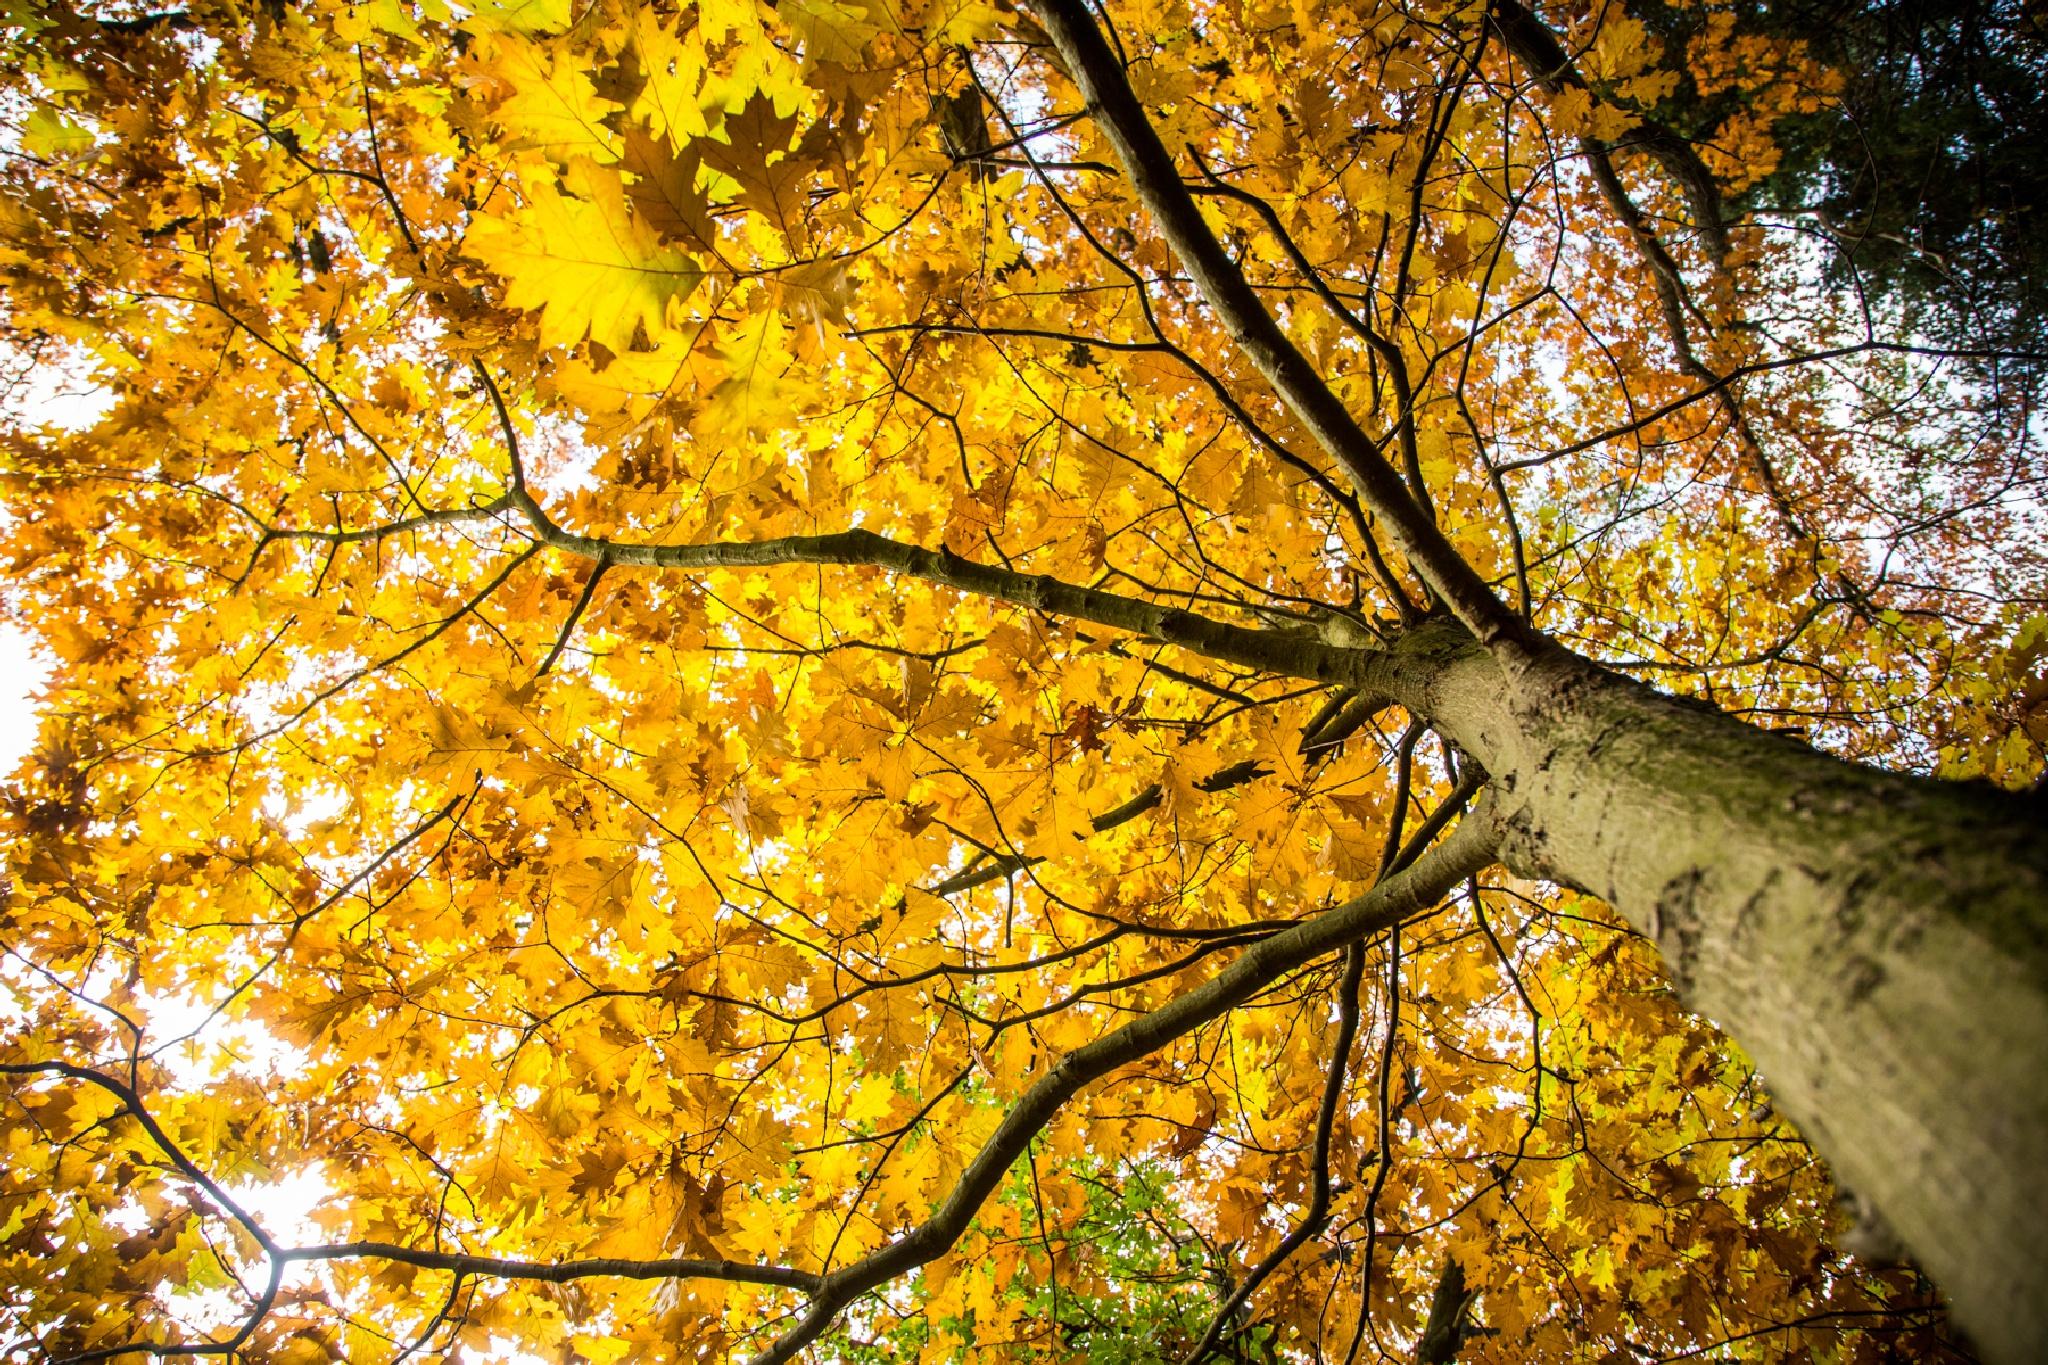 Autumn Leaves by Patrick de Vleeschauwer.